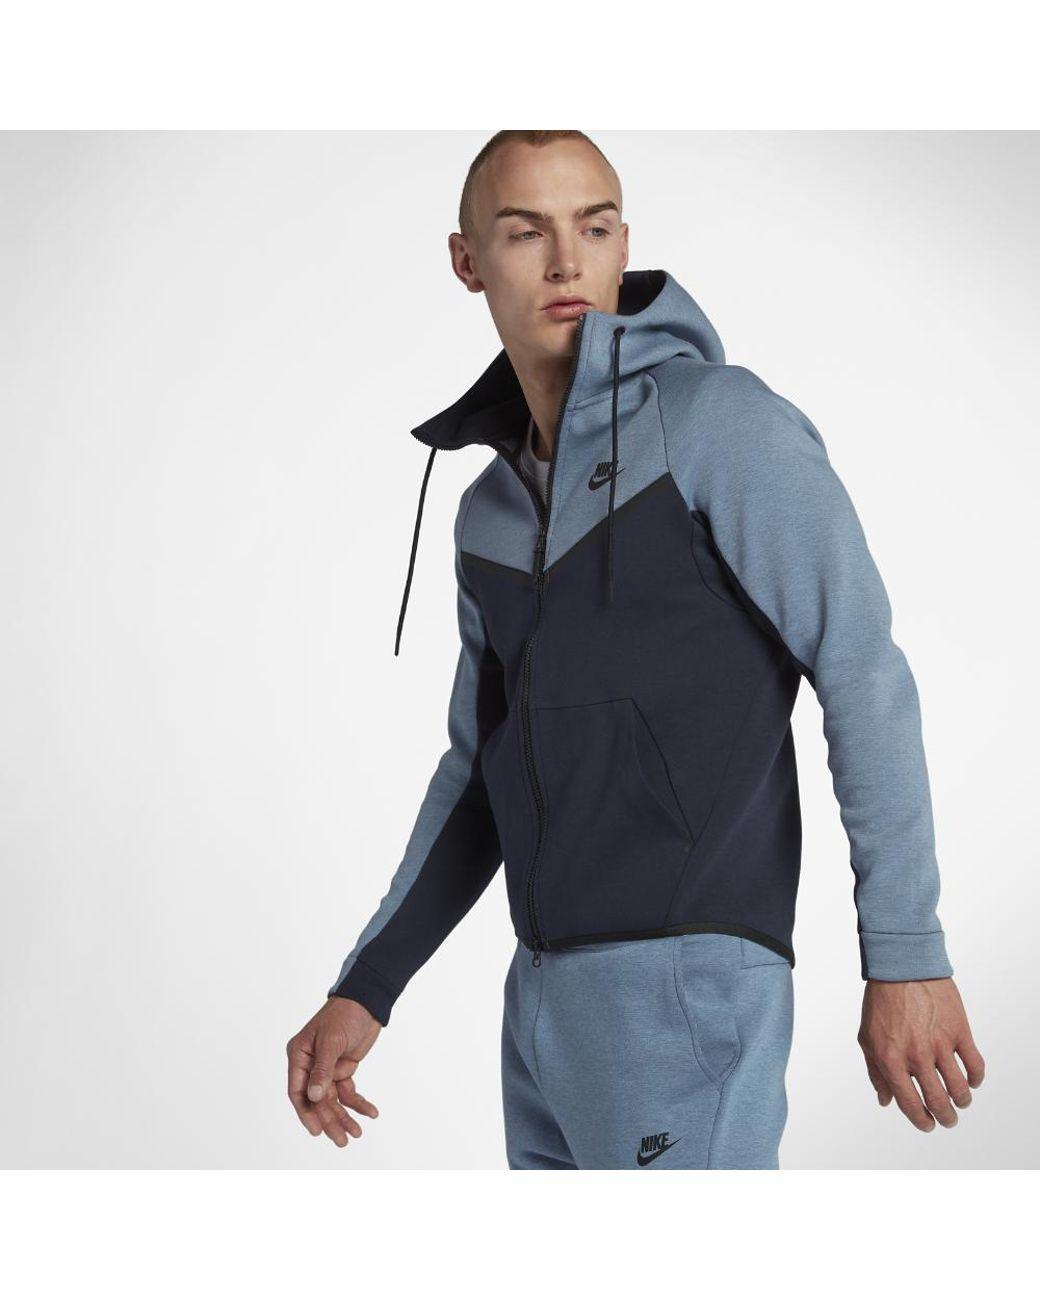 c9814292c23a Lyst - Nike Sportswear Tech Fleece Windrunner Men s Full-zip Hoodie in Blue  for Men